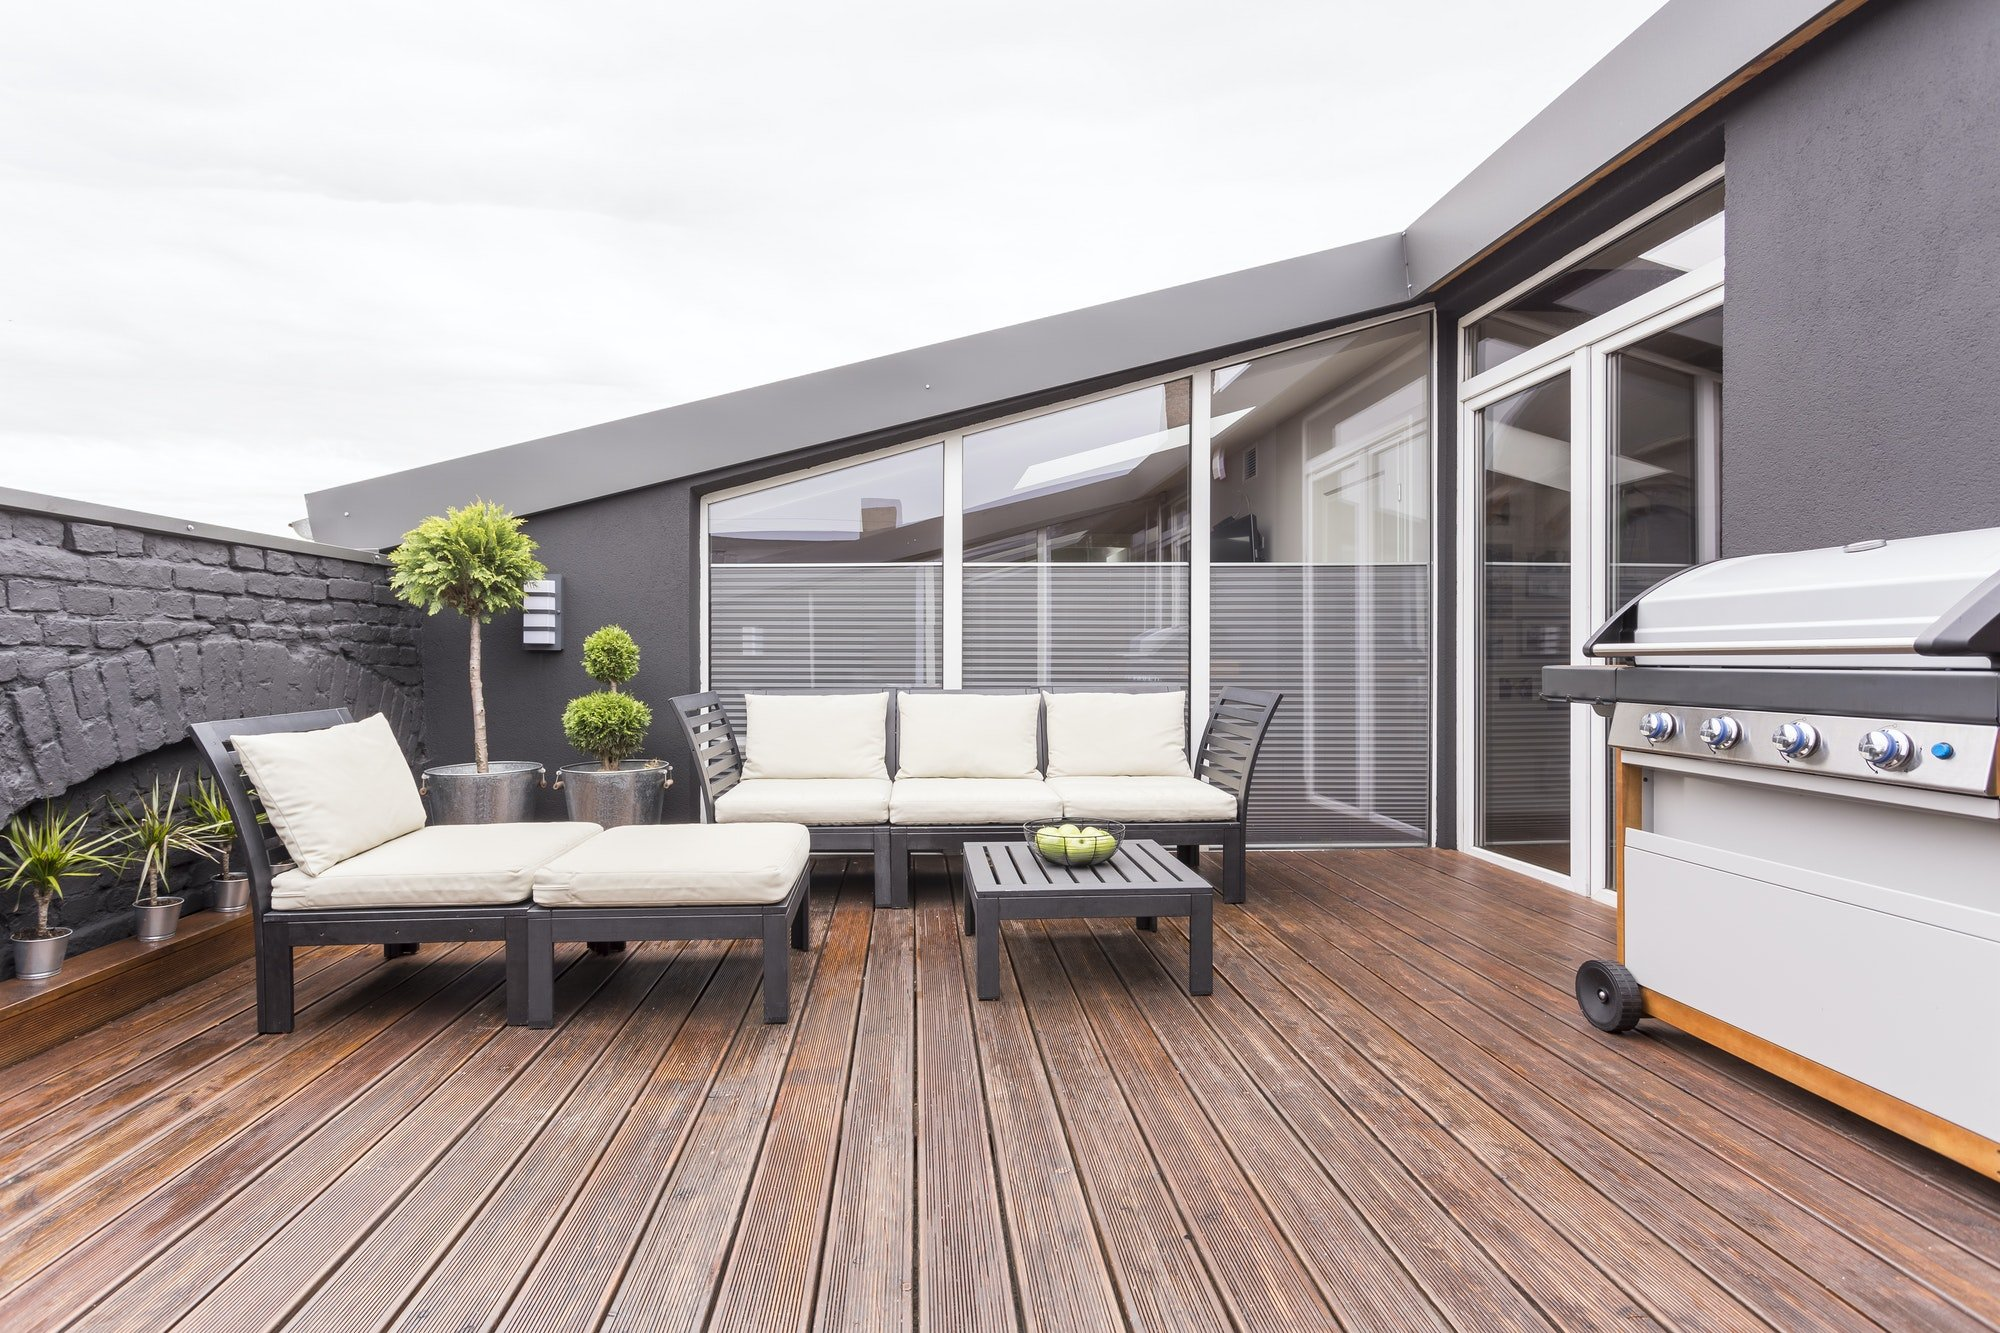 Reformas Acogedora terraza con piso de madera y ventanas aluminio